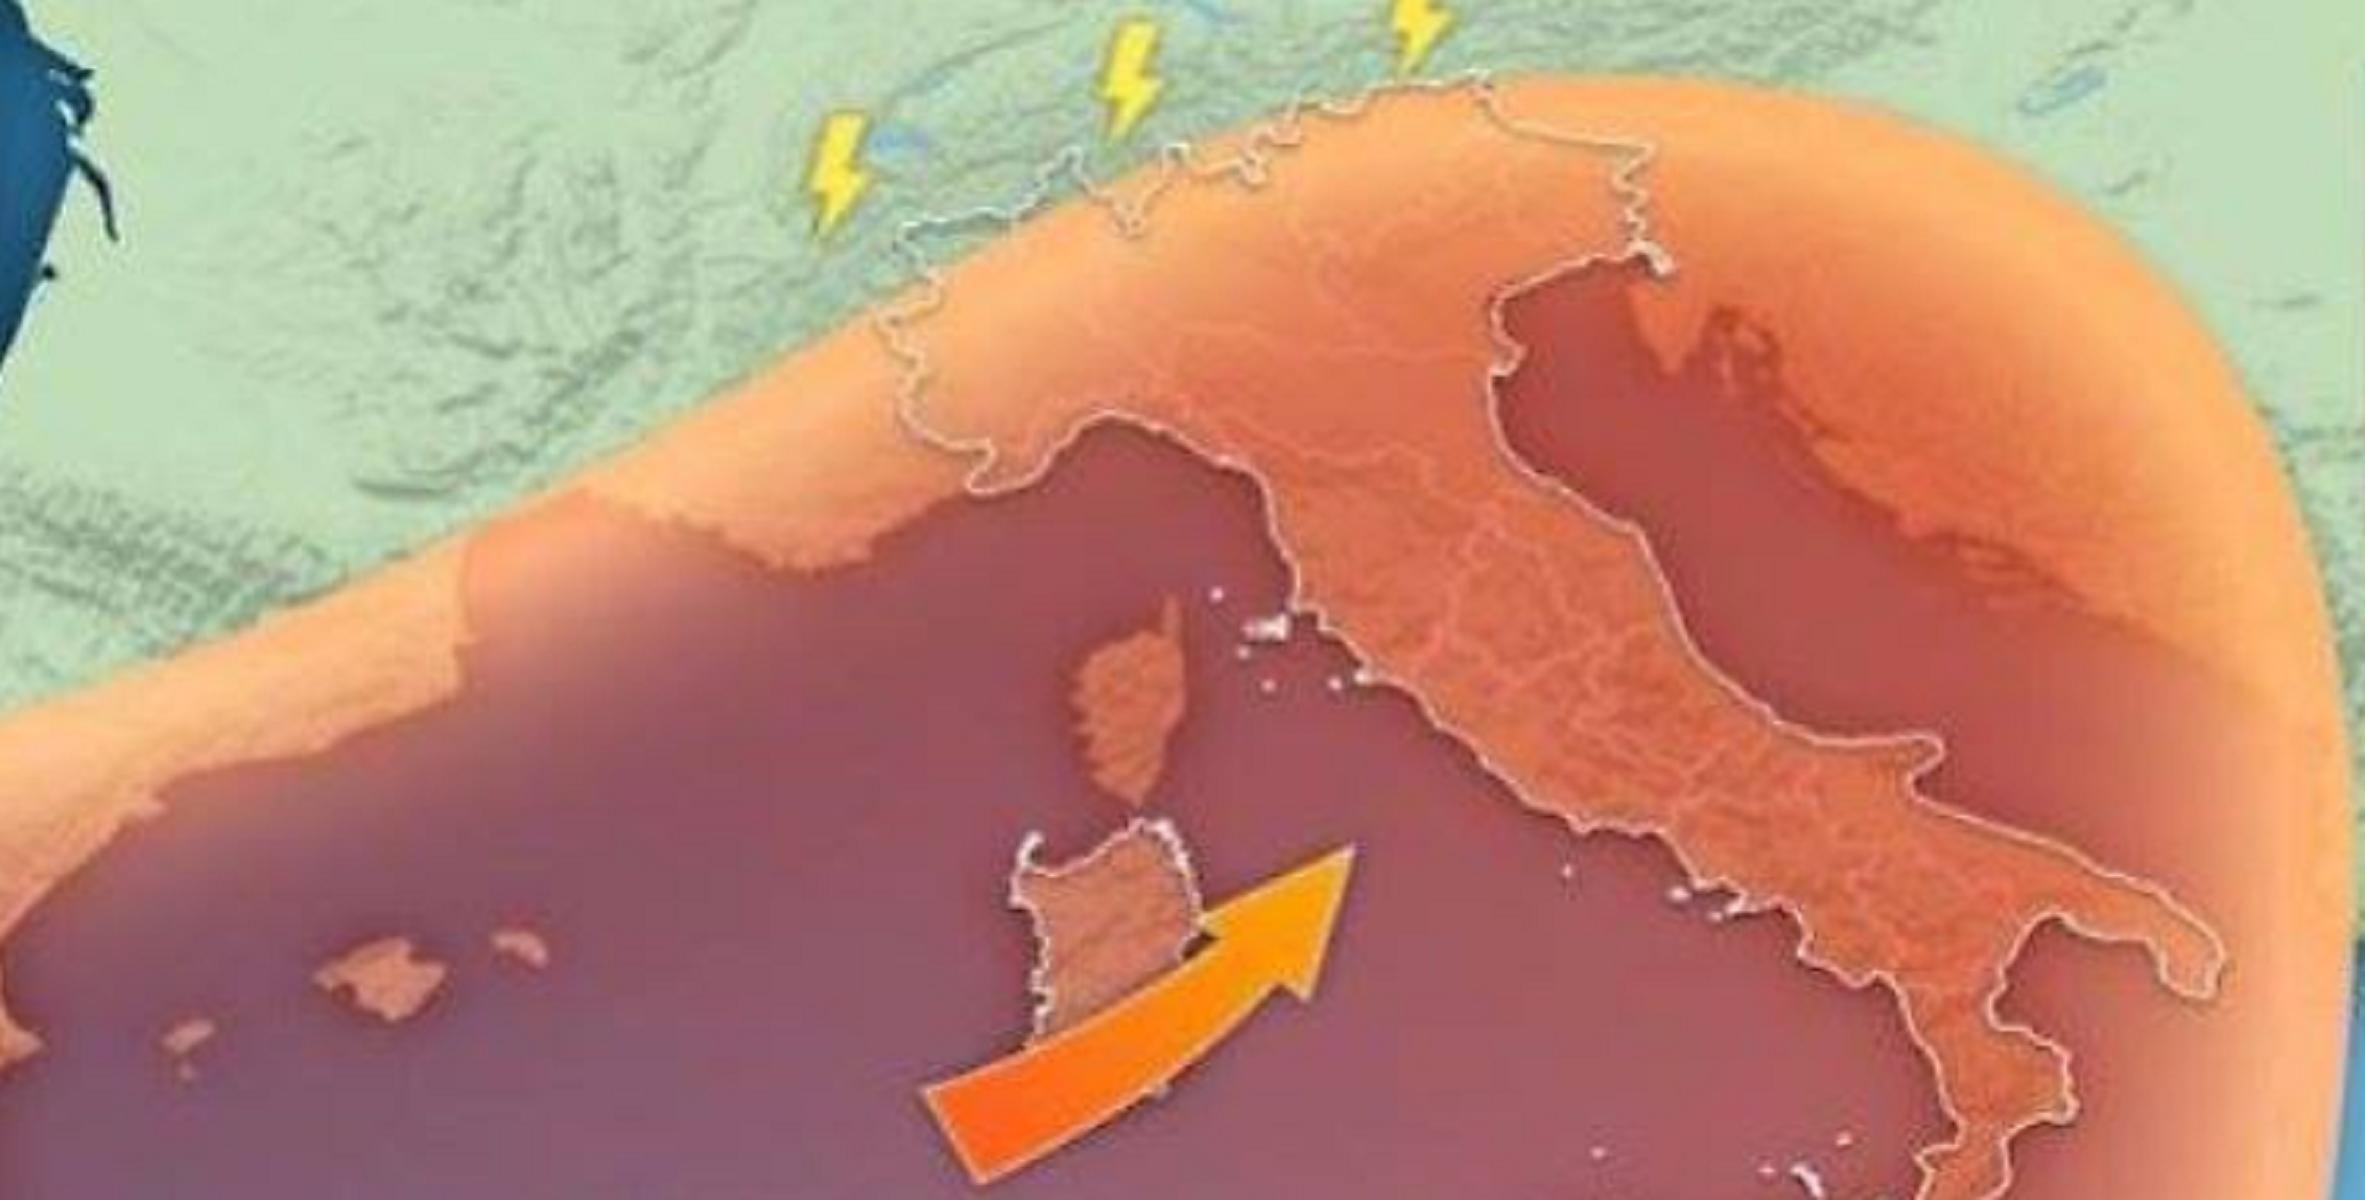 Meteo, alta pressione sulla penisola: inquinamento in aumento